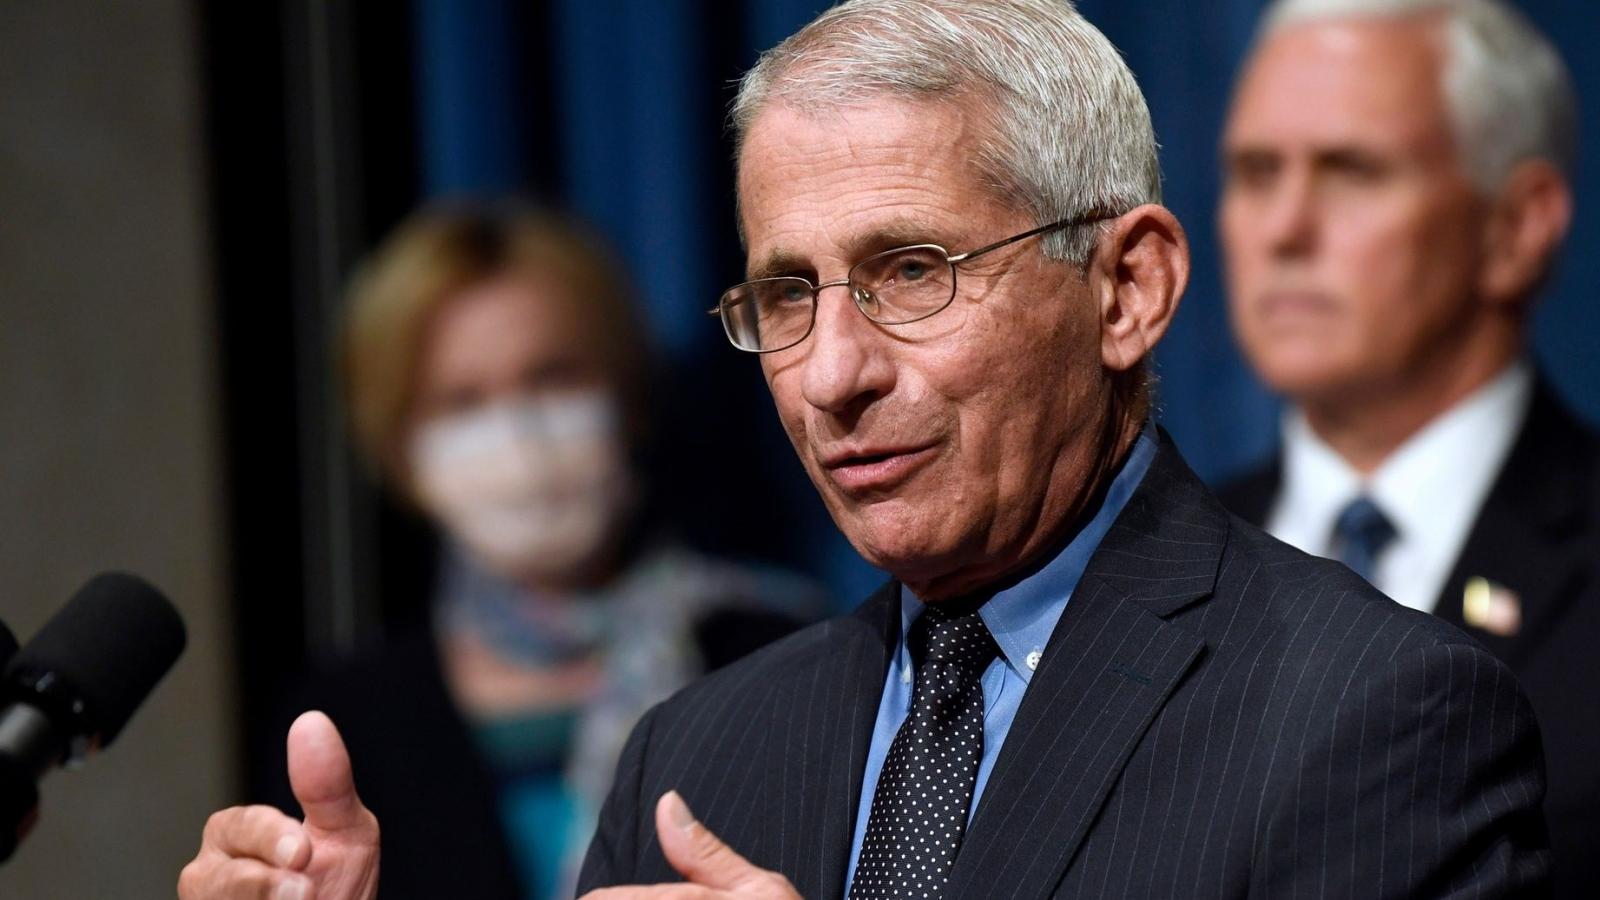 Tiến sĩ Fauci: Mỹ chưa chắc có vaccine Covid-19 trước cuộc bầu cử tổng thống